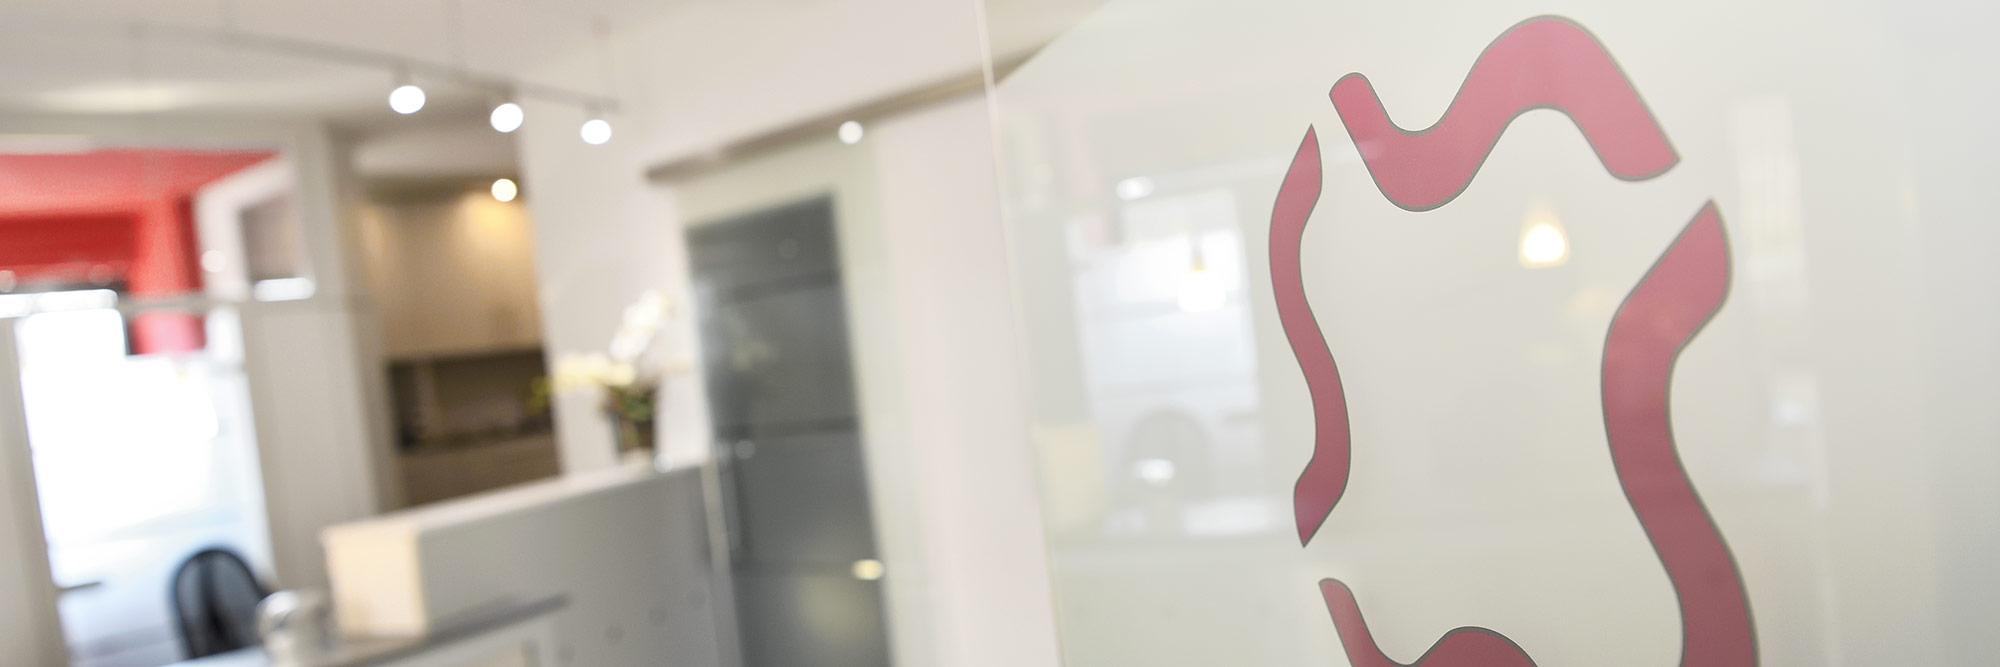 Headerbild: Blick durch die Eingangstür auf den Empfang der Praxis für Allgemeinmedizin Dres. med. Biegler in Hemmingen Ortsteil Arnum bei Hannover